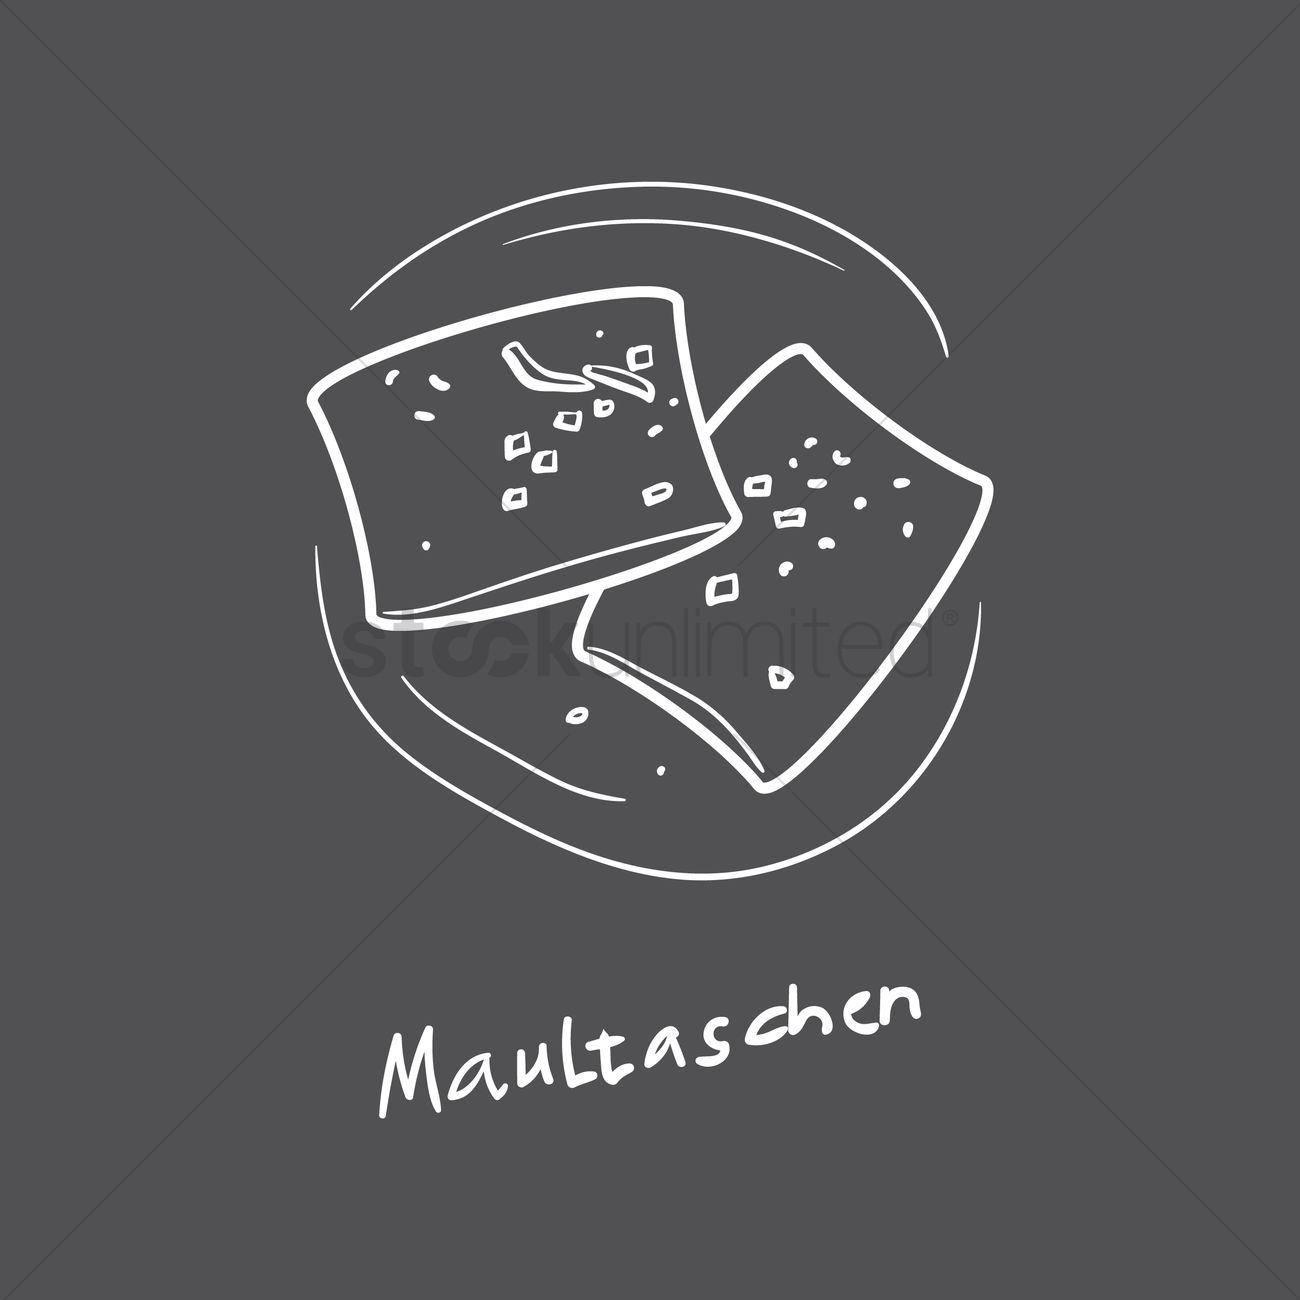 Maultaschen Vector Image.